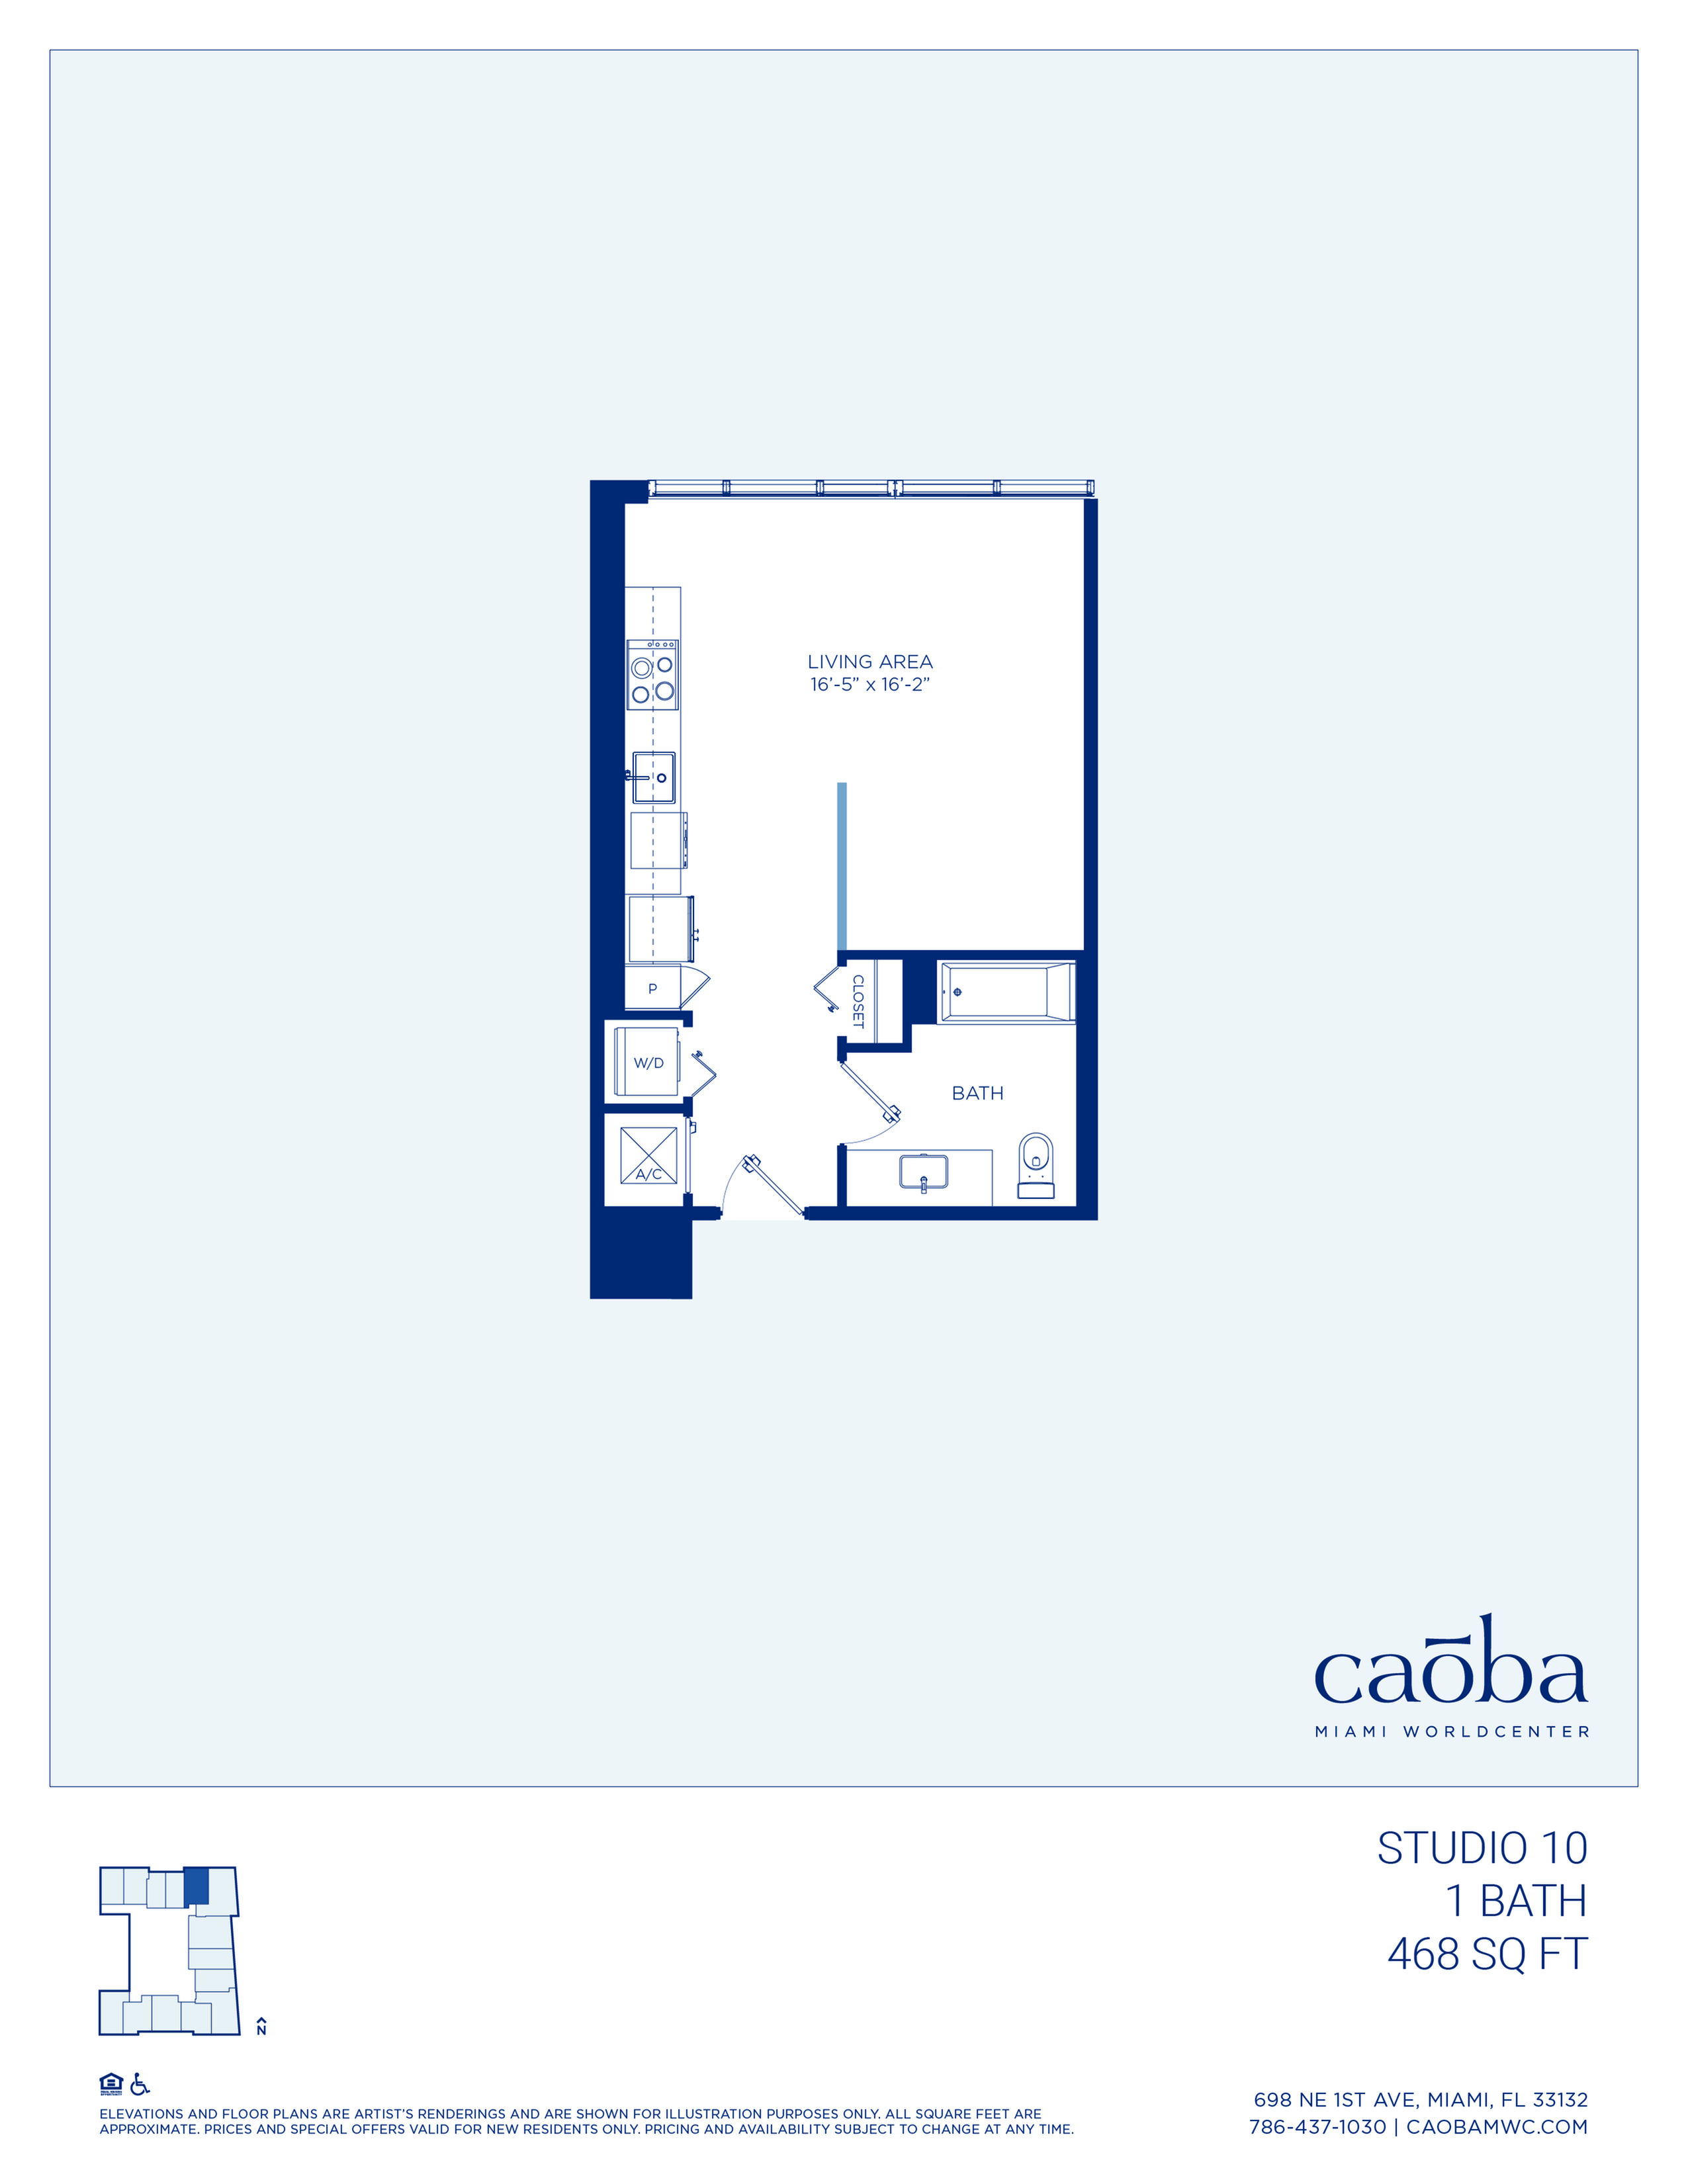 Miami Caoba Floorplan - S-10